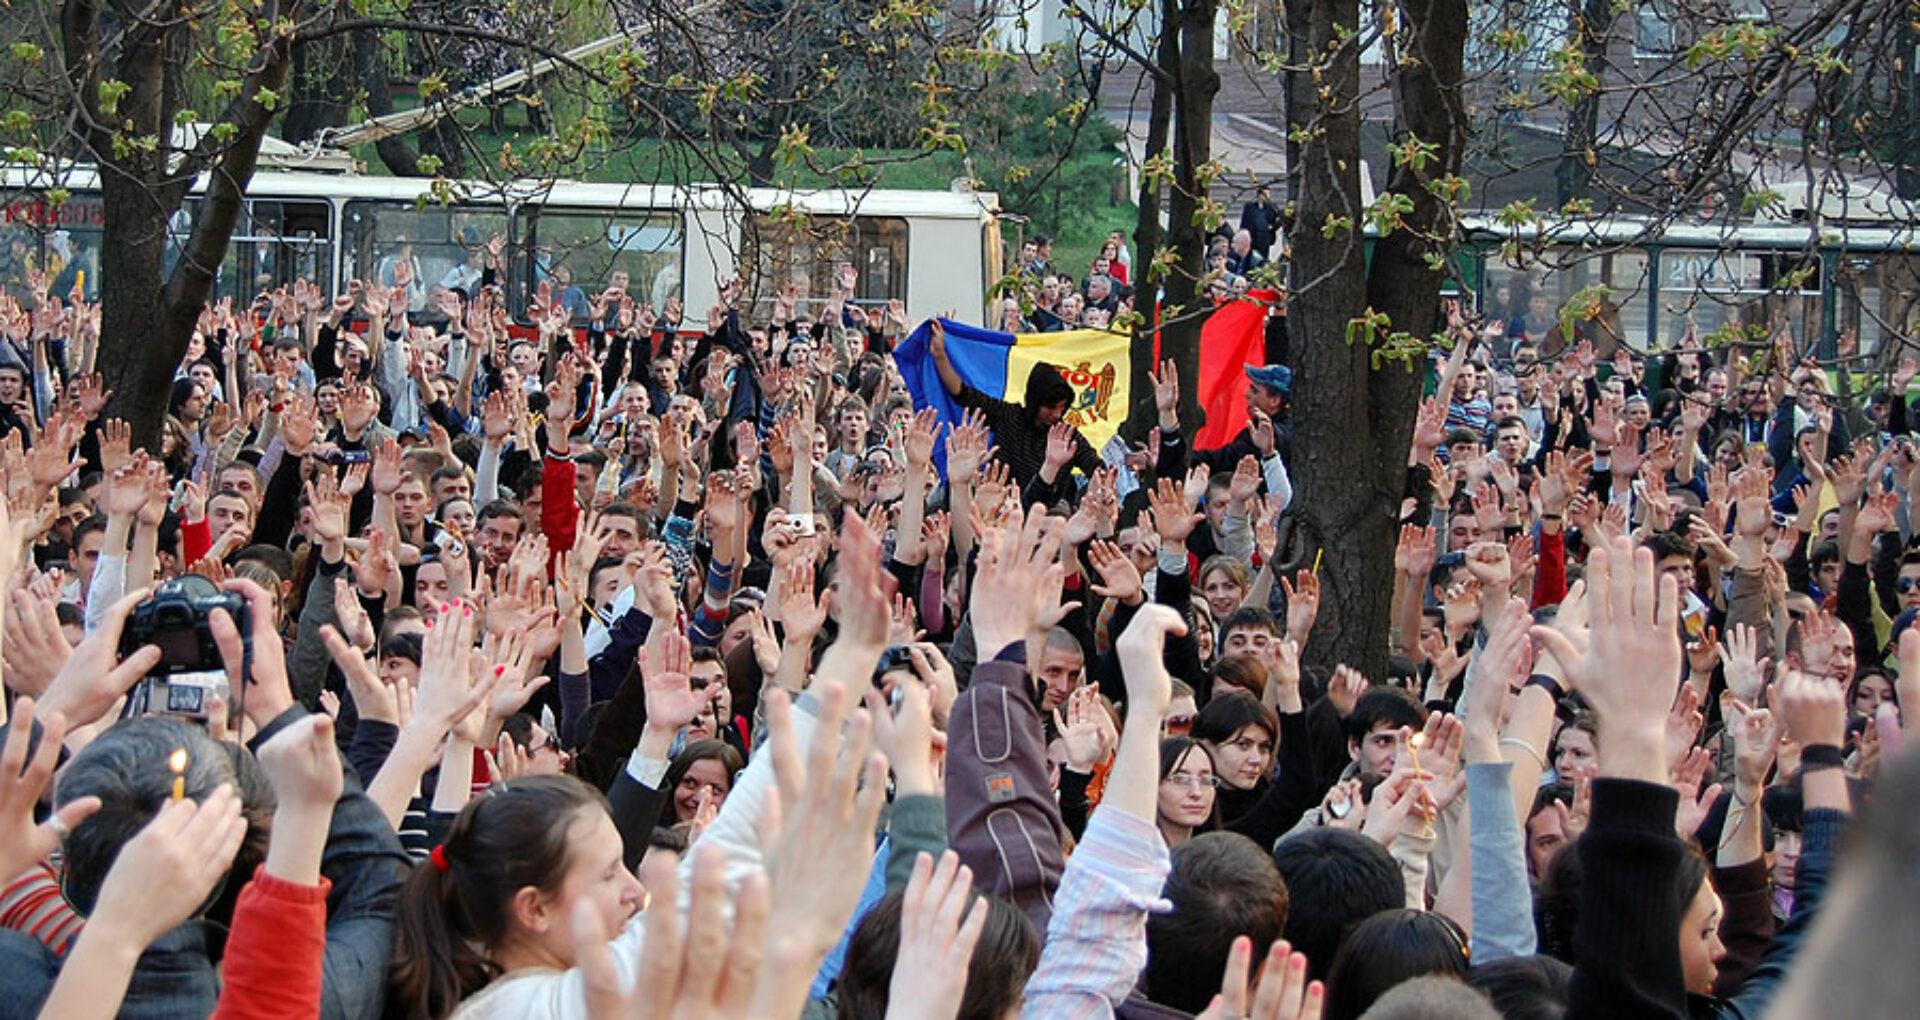 Oamenii sistemului: Zeci de funcţionari importanţi la 7 aprilie 2009 conduc astăzi R. Moldova